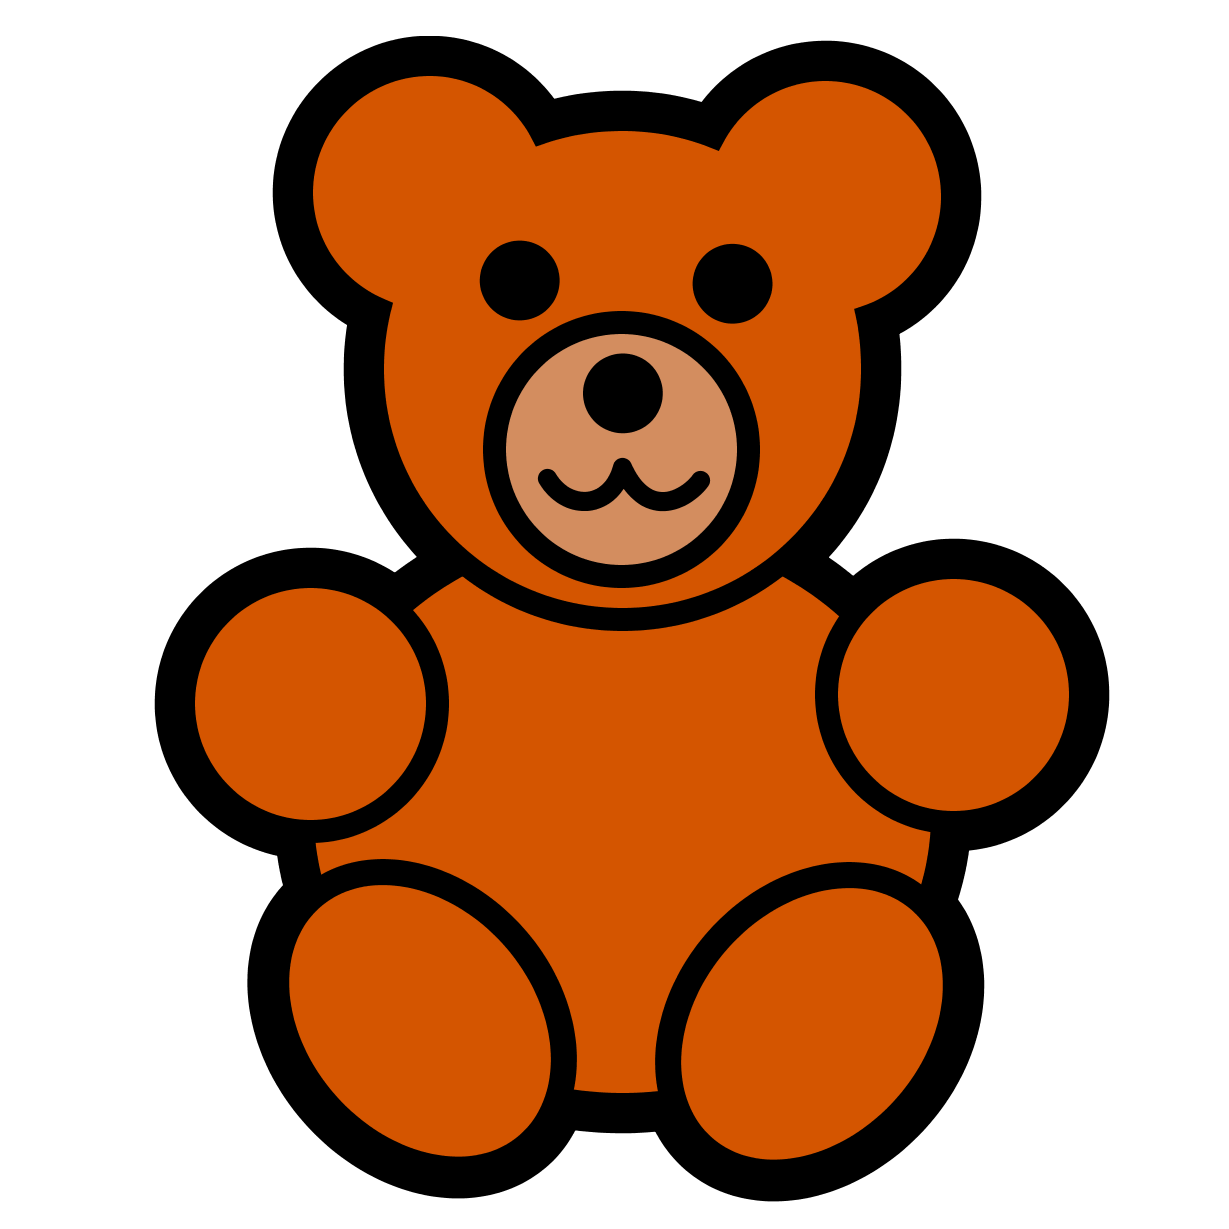 1229x1229 Teddy Bear Clip Art On Teddy Bears Clip Art And Bears 2 Clipartwiz